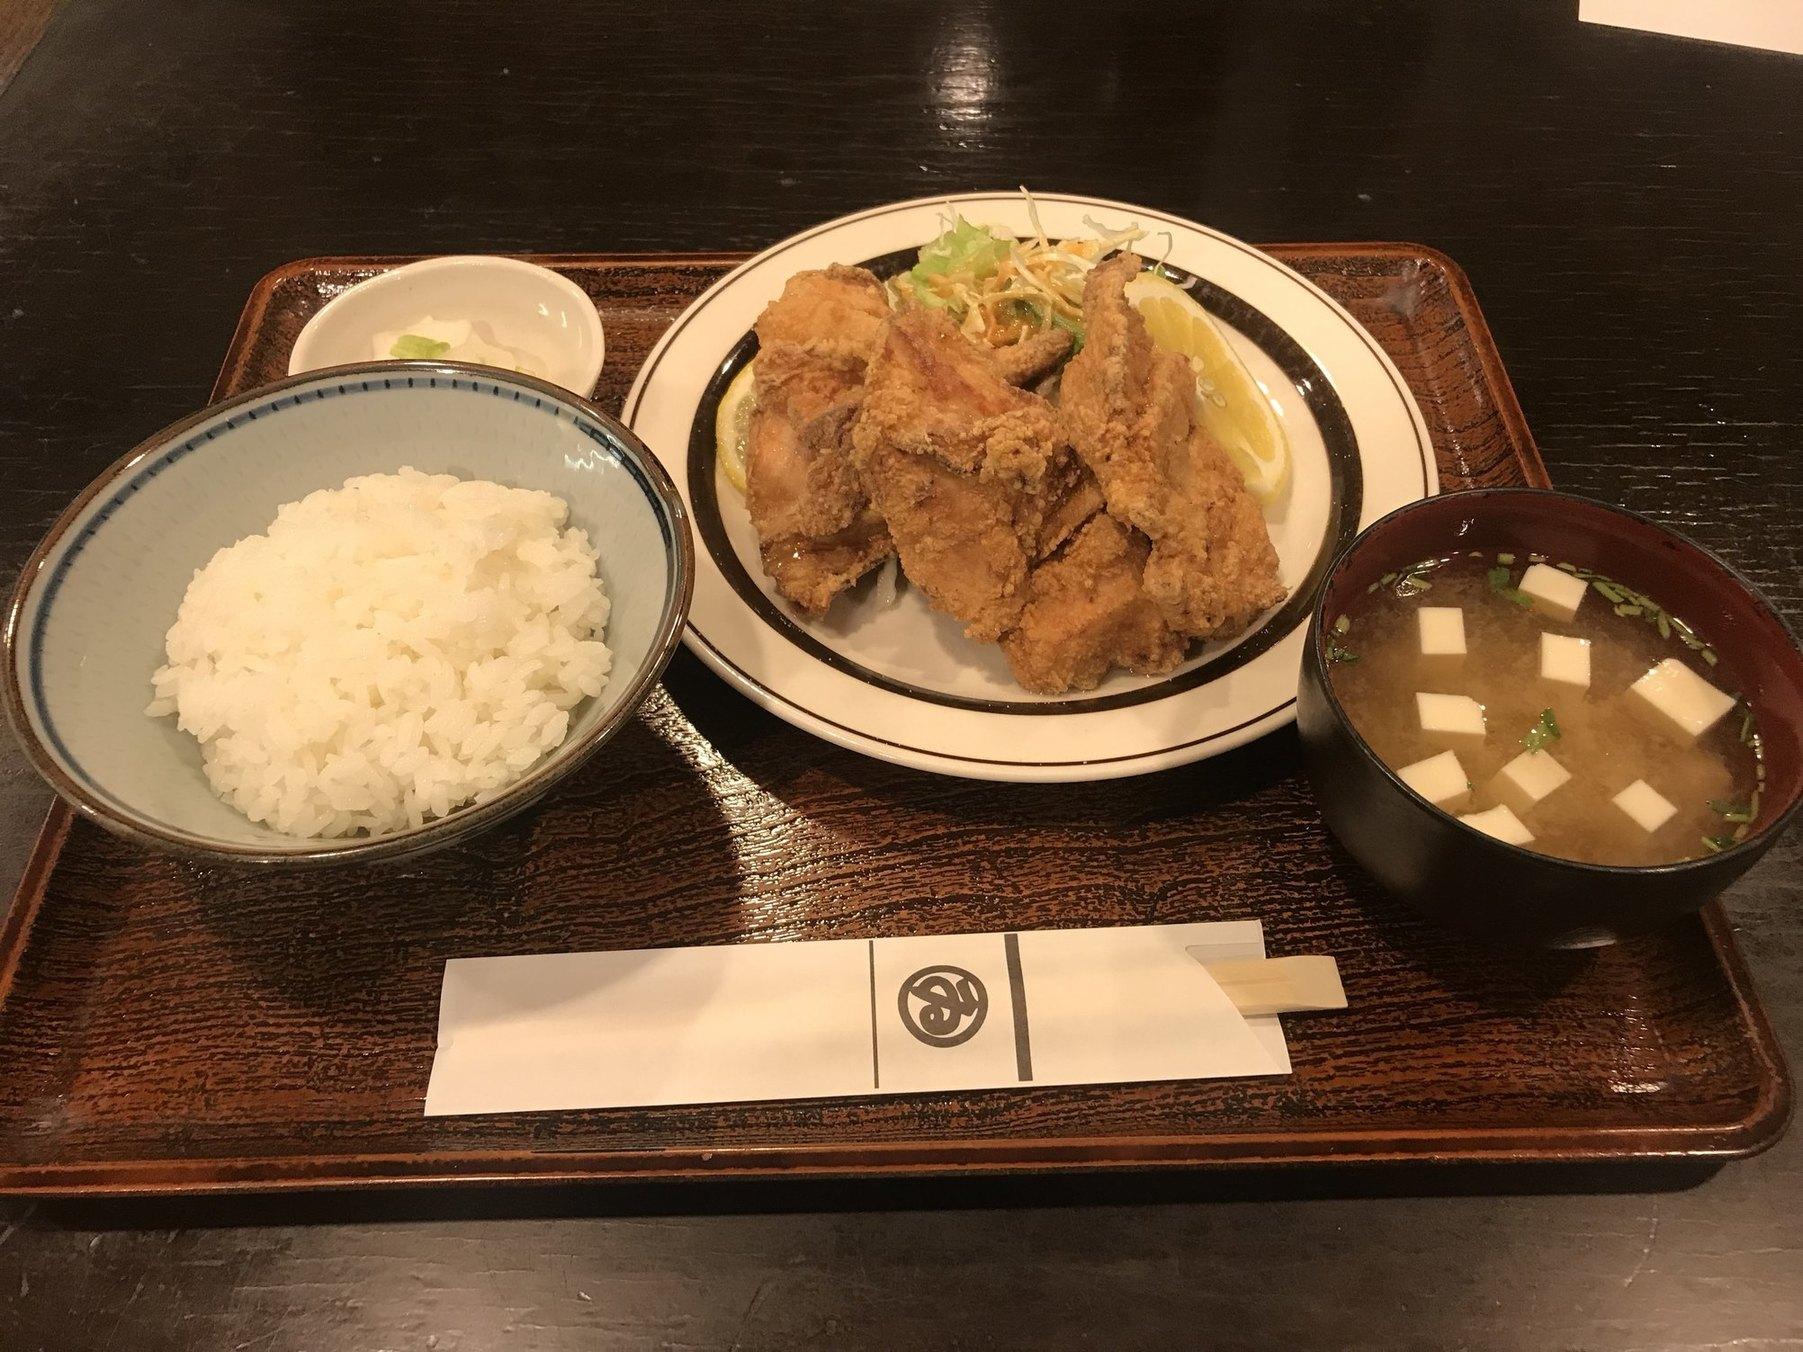 とうふ料理 まるゐ ターミナル店 name=